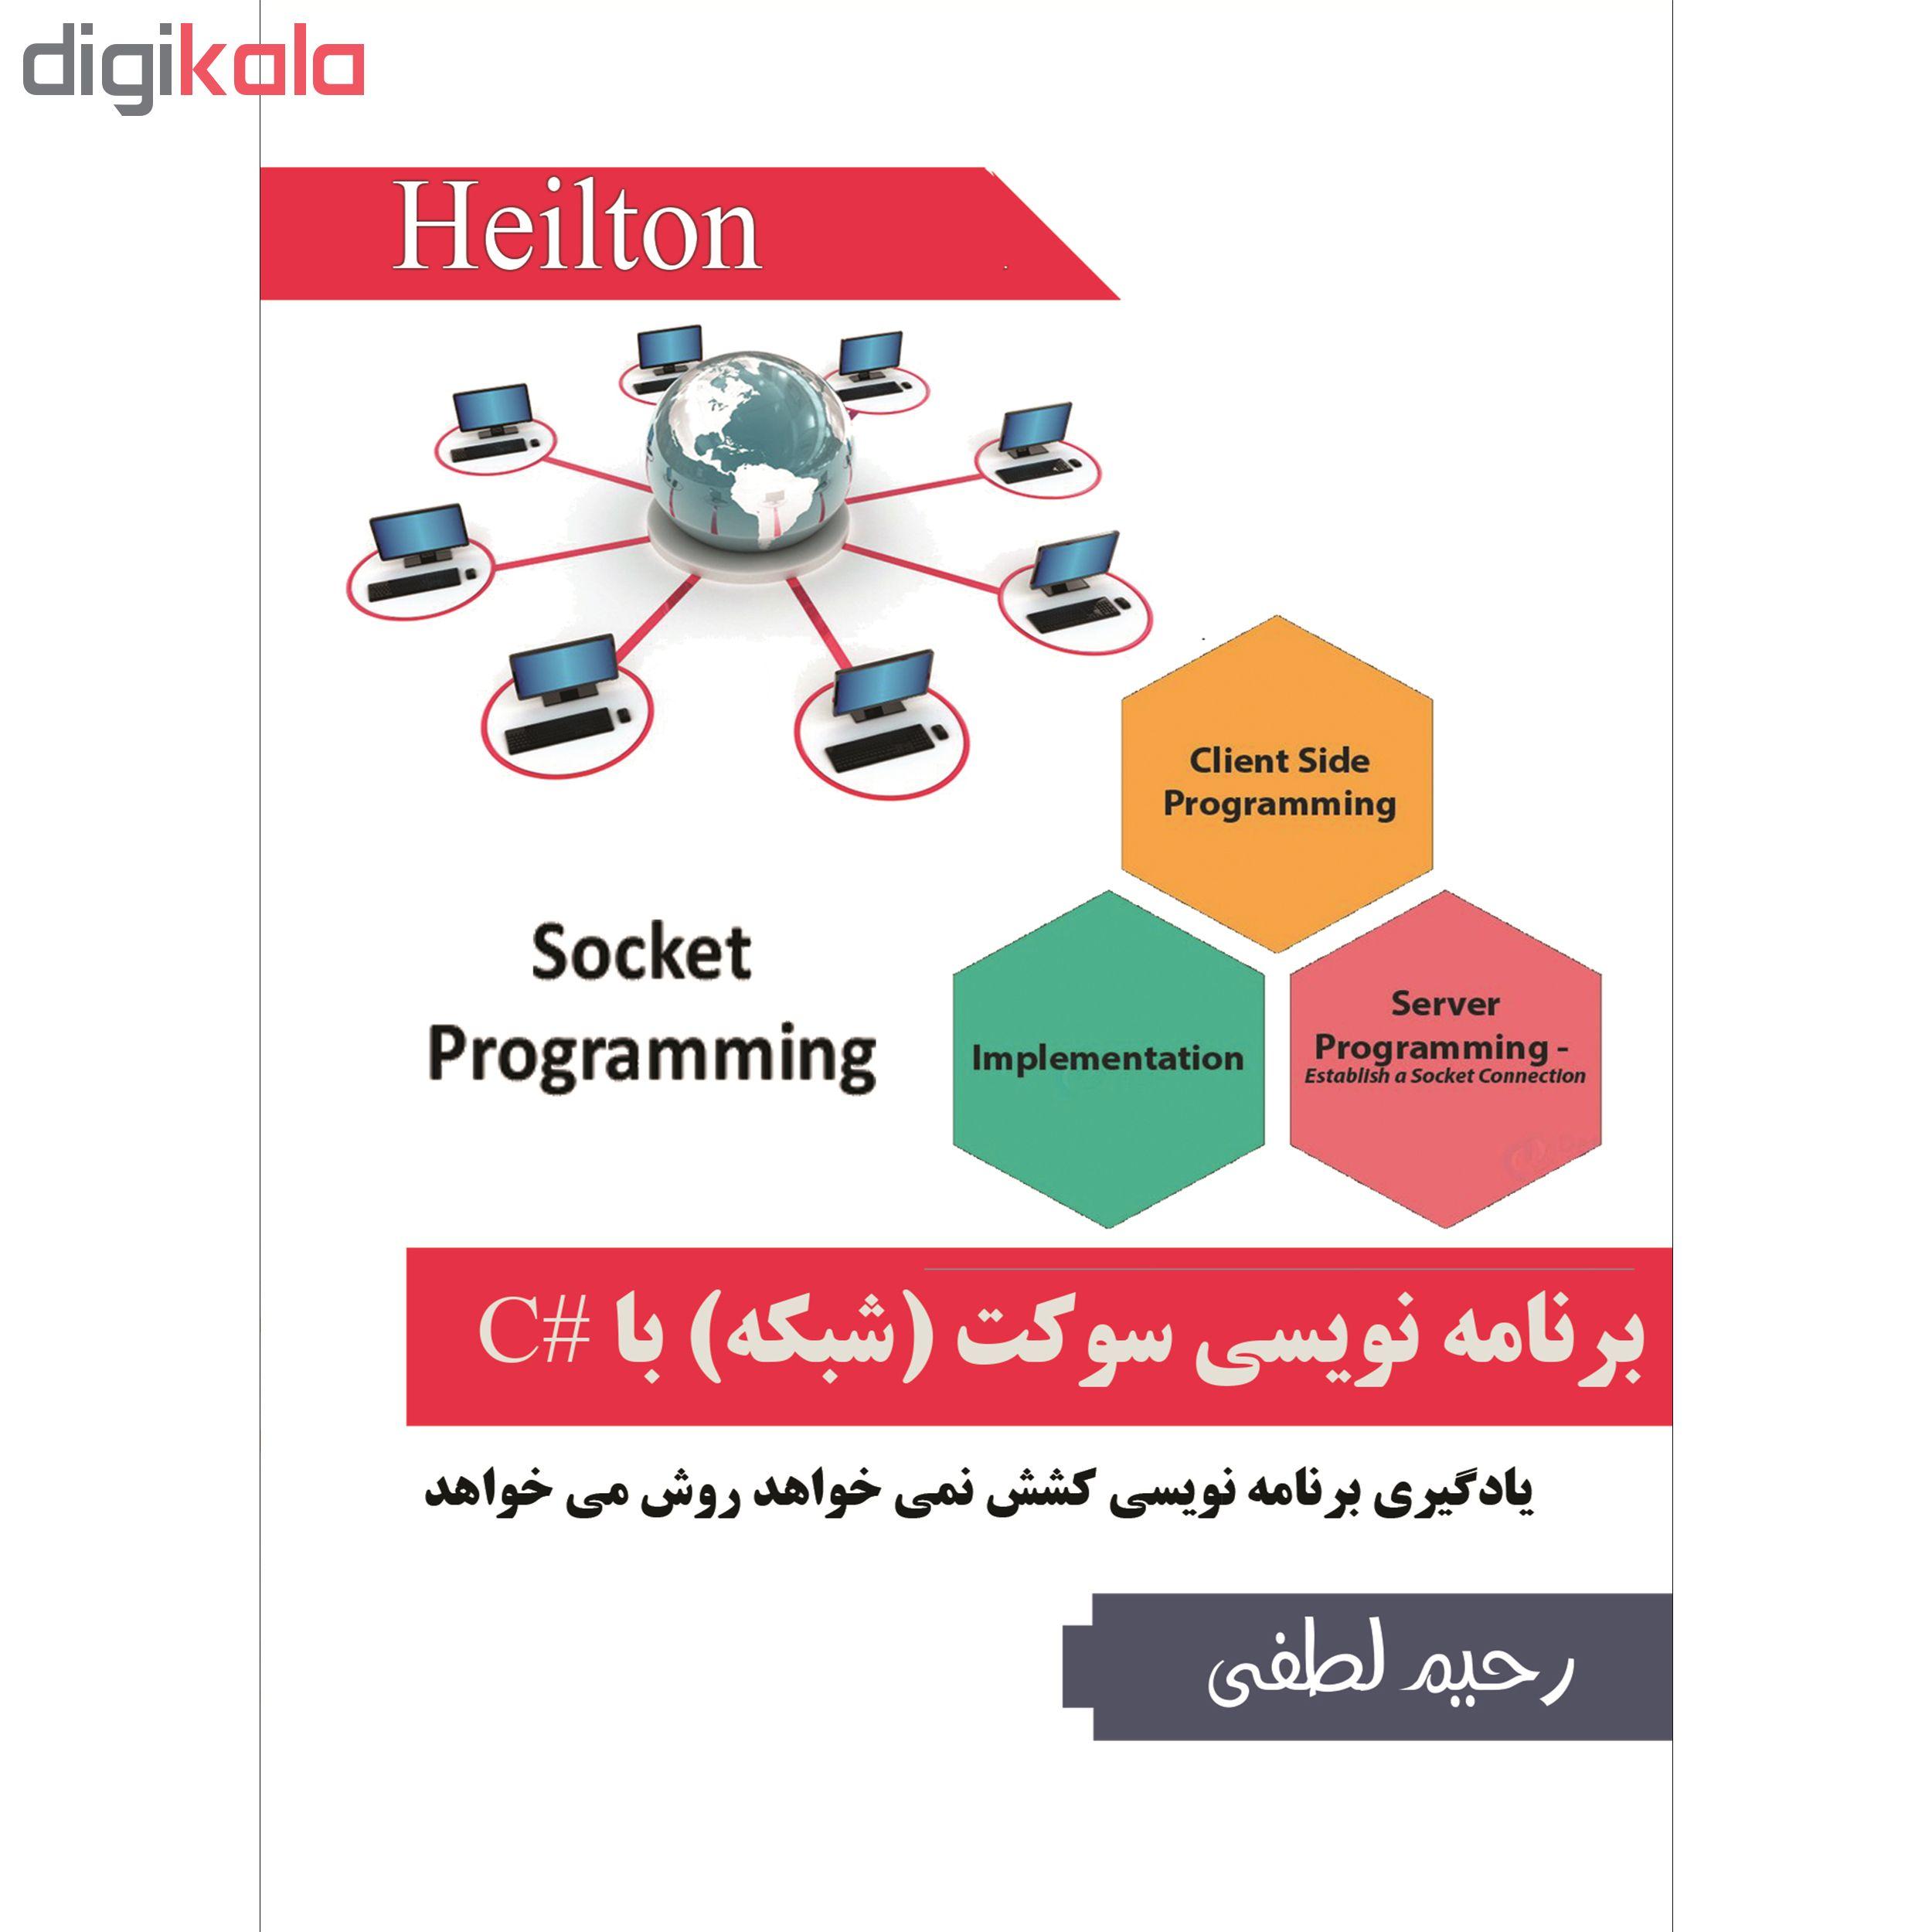 آموزش تصویری برنامه نویسی سوکت (شبکه) با #C نشر هیلتن